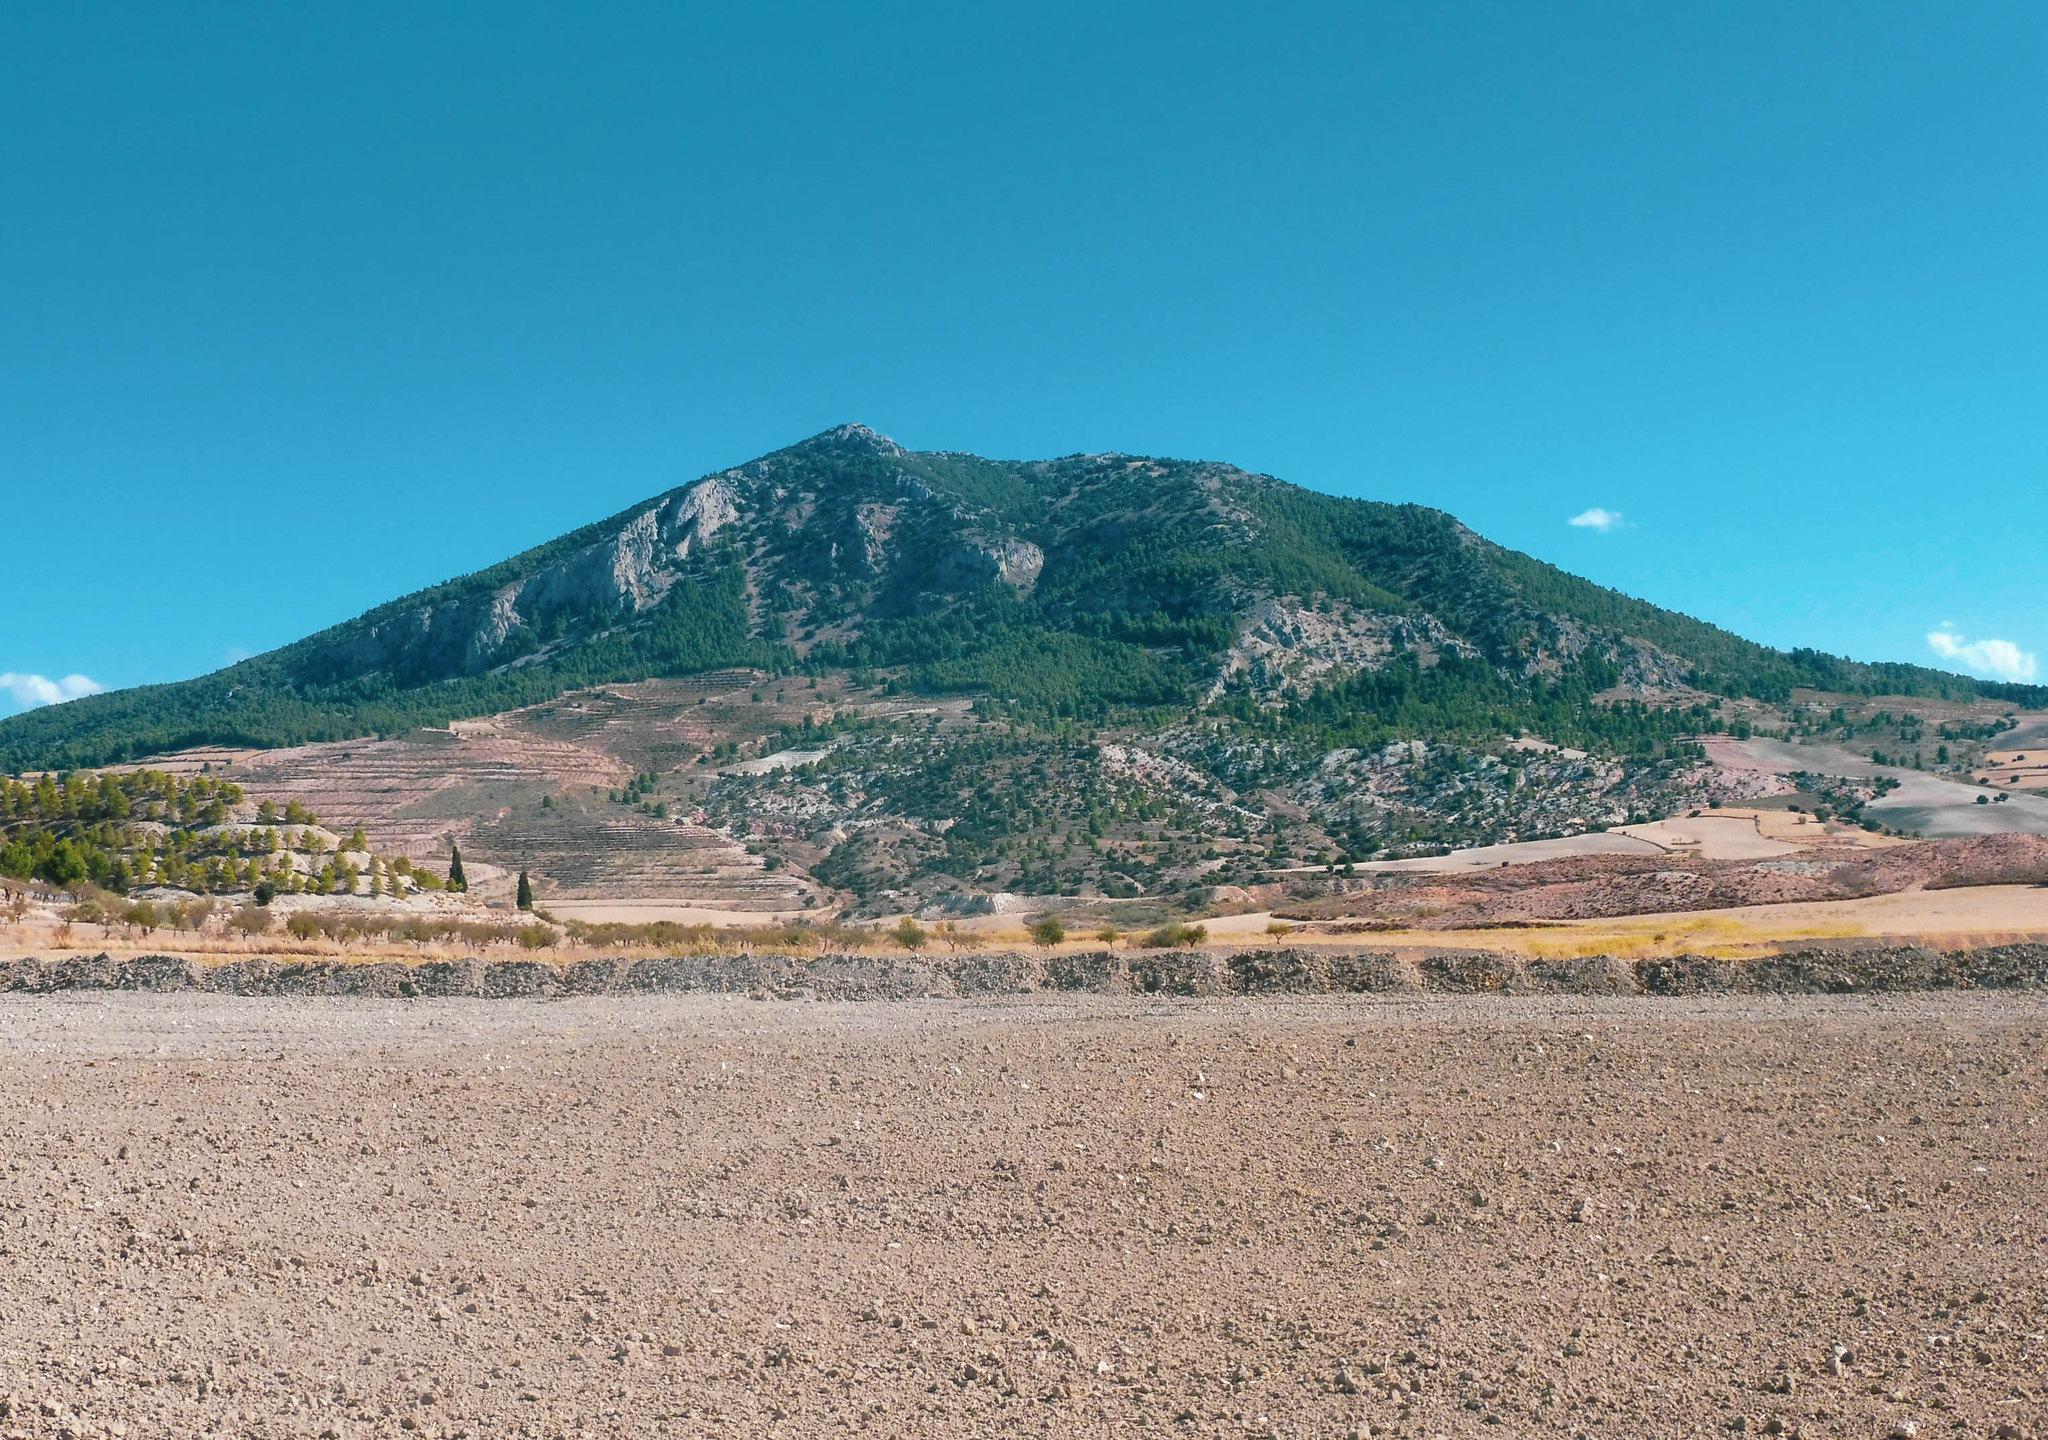 Cerro del Gabar